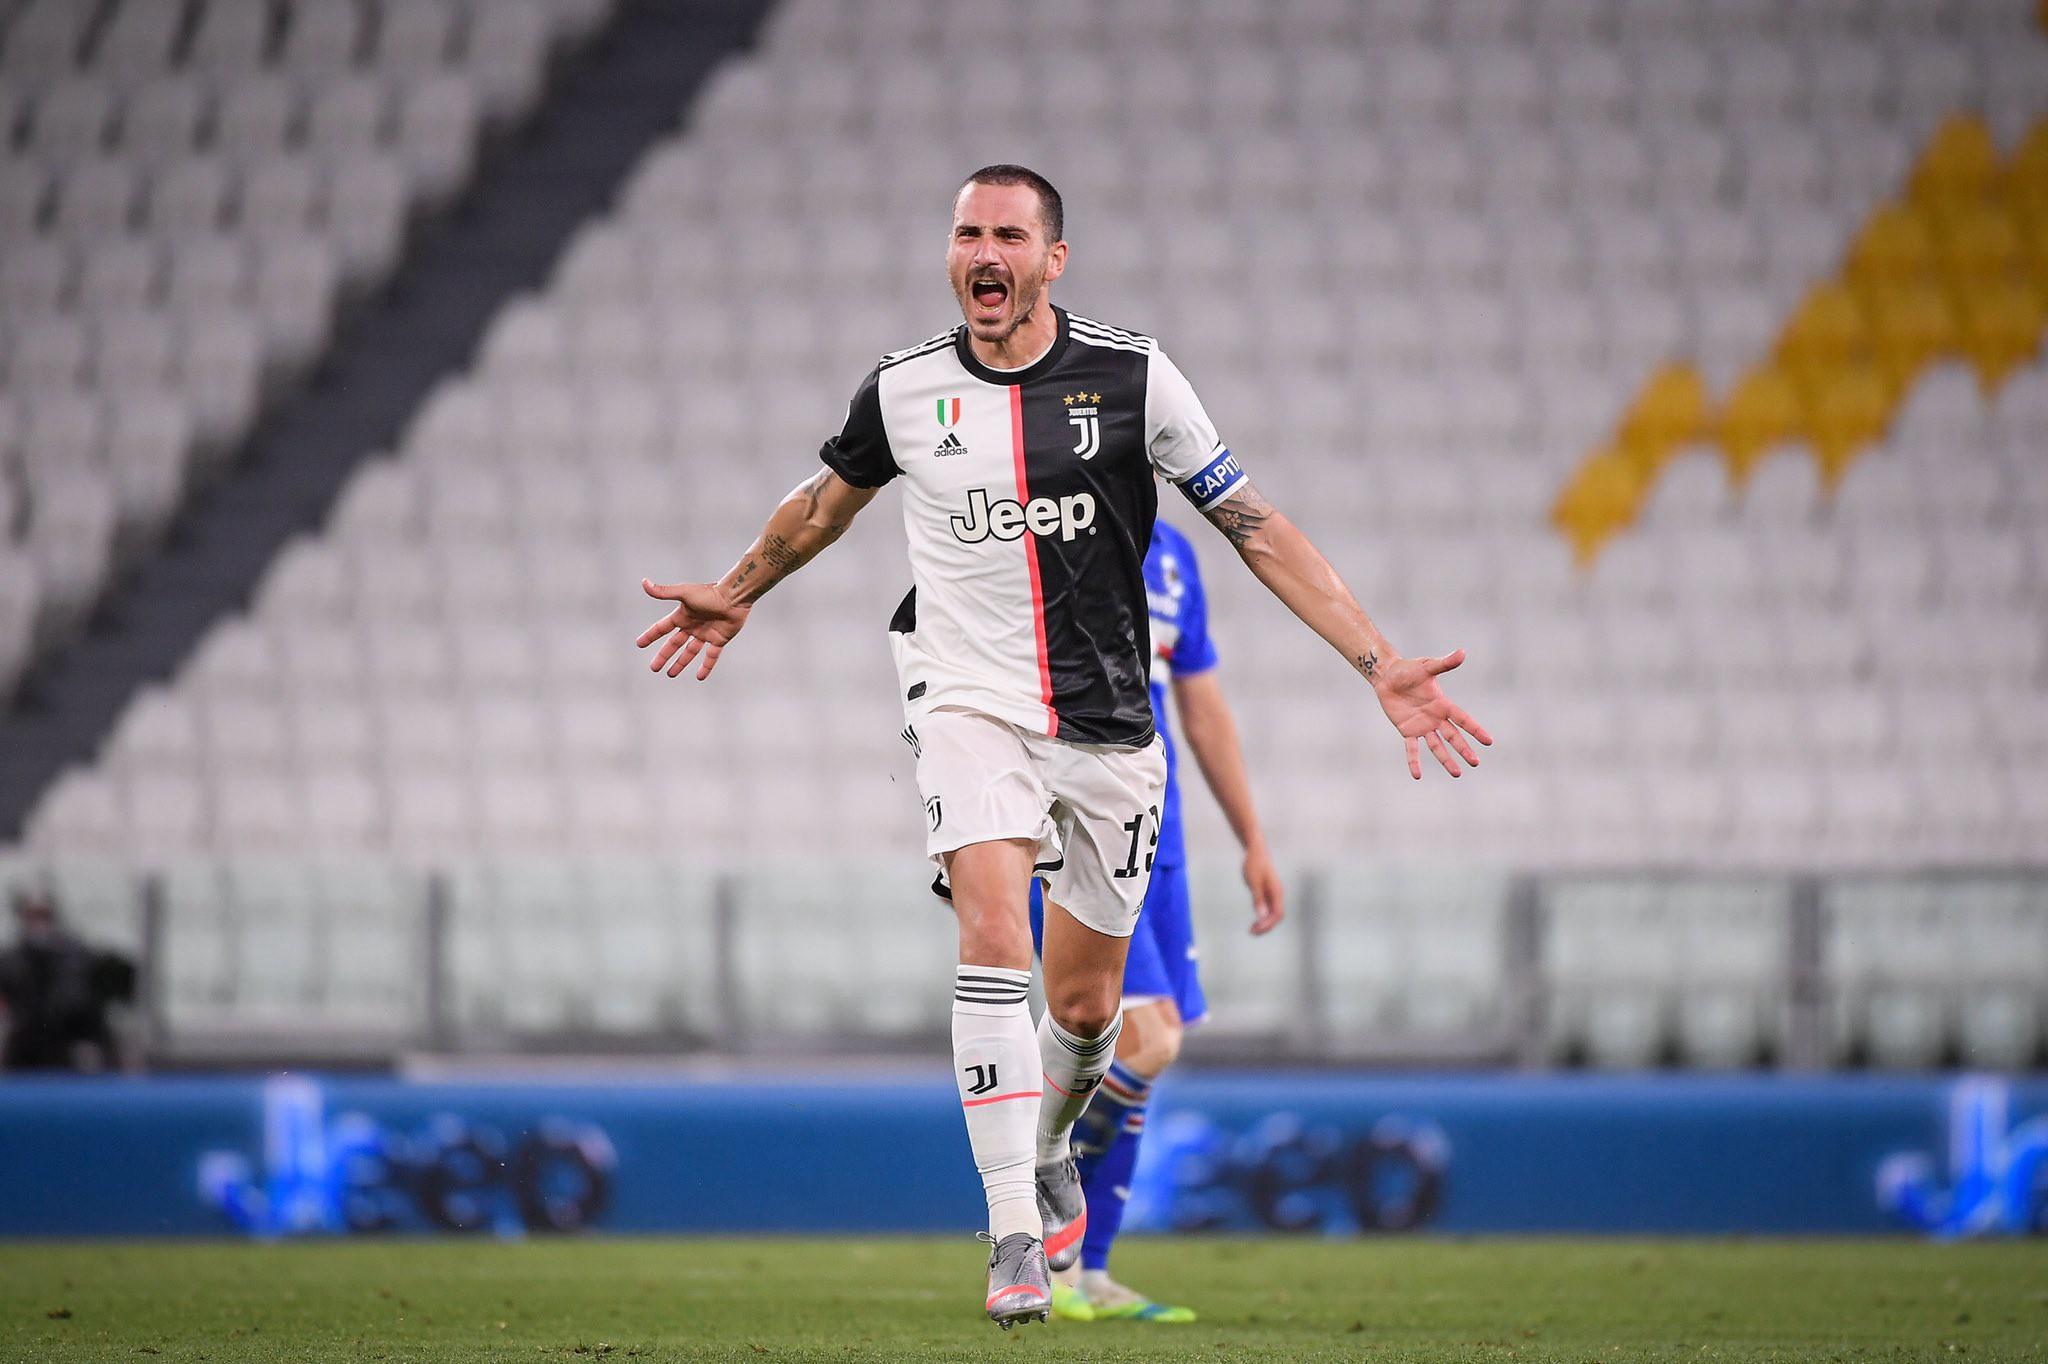 Juve-Lione, Bonucci: Non ci interessano le voci da fuori |  Sport e Vai